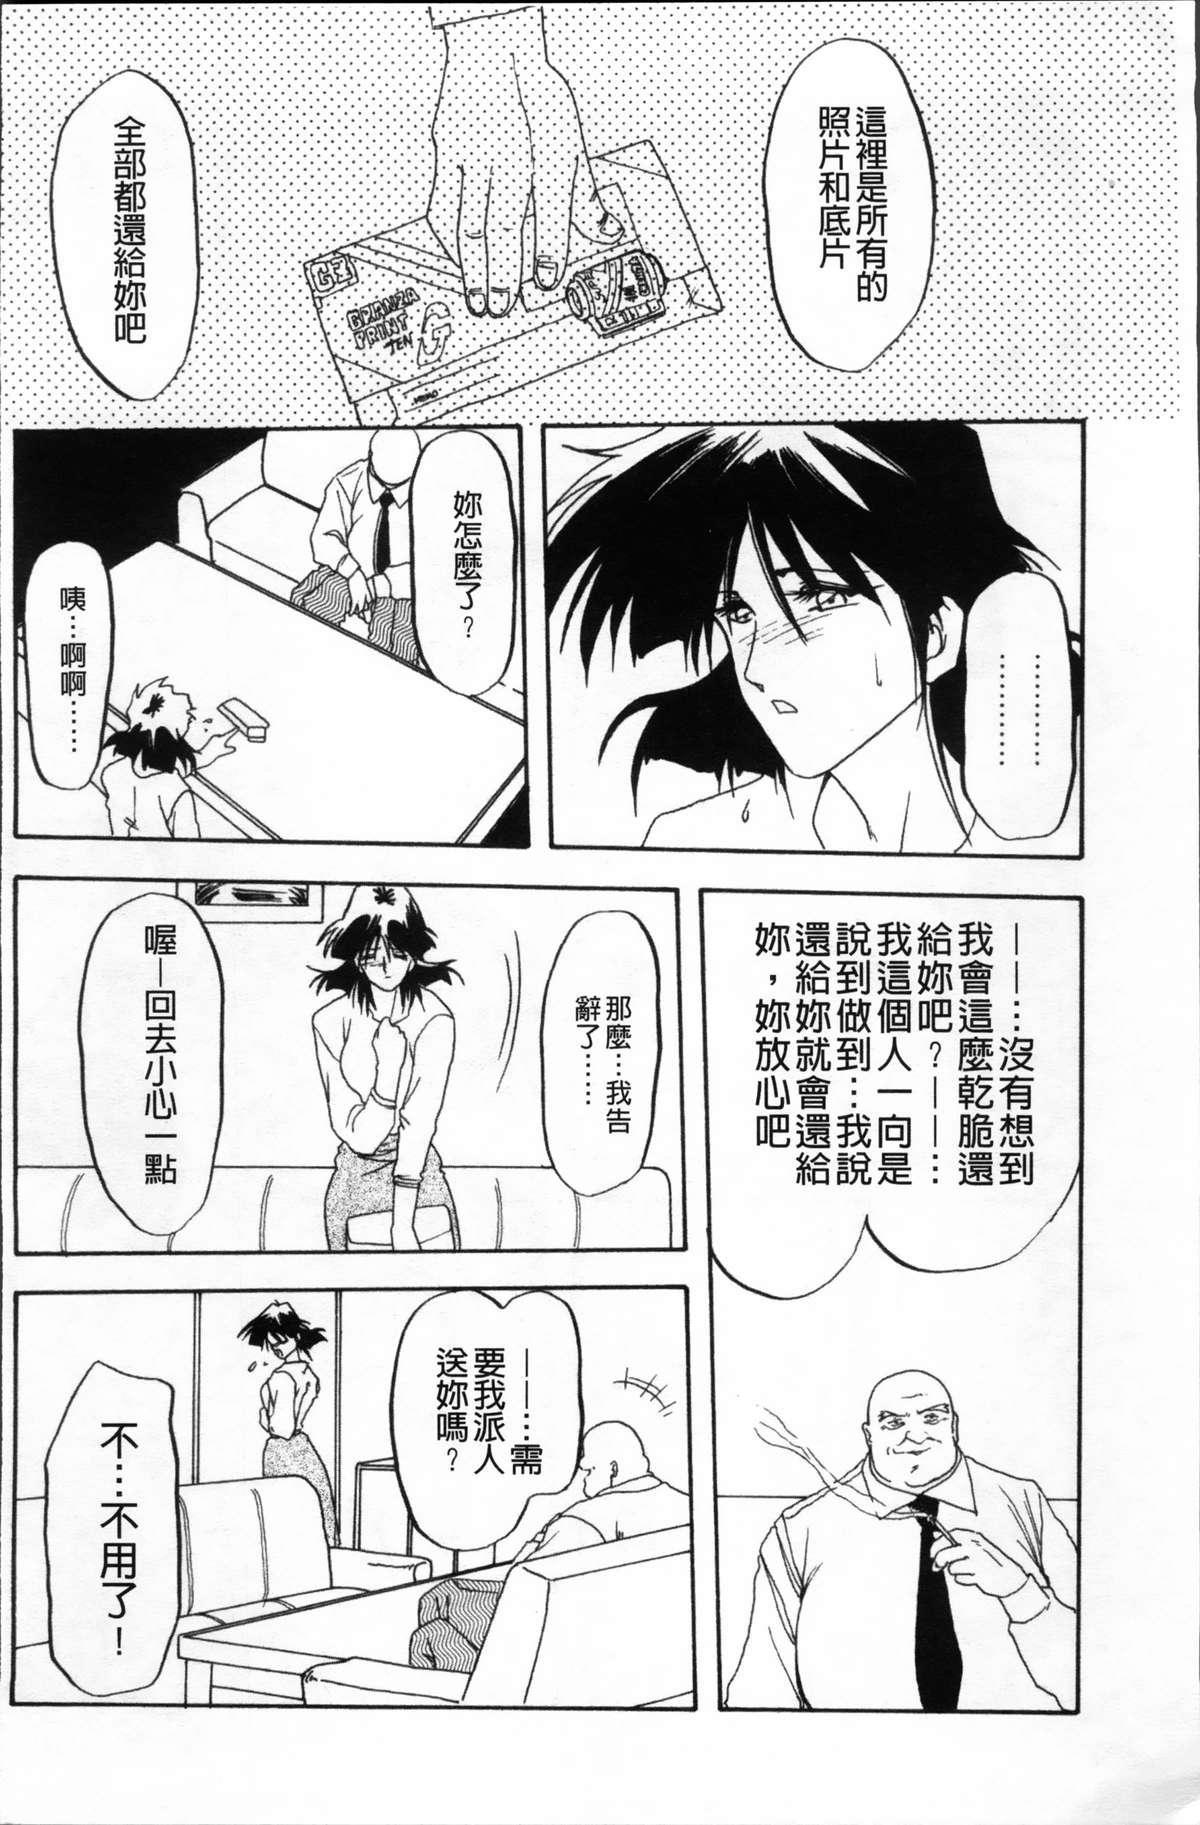 Hiiro no Koku Kanzenban   緋色之刻 完全版 113